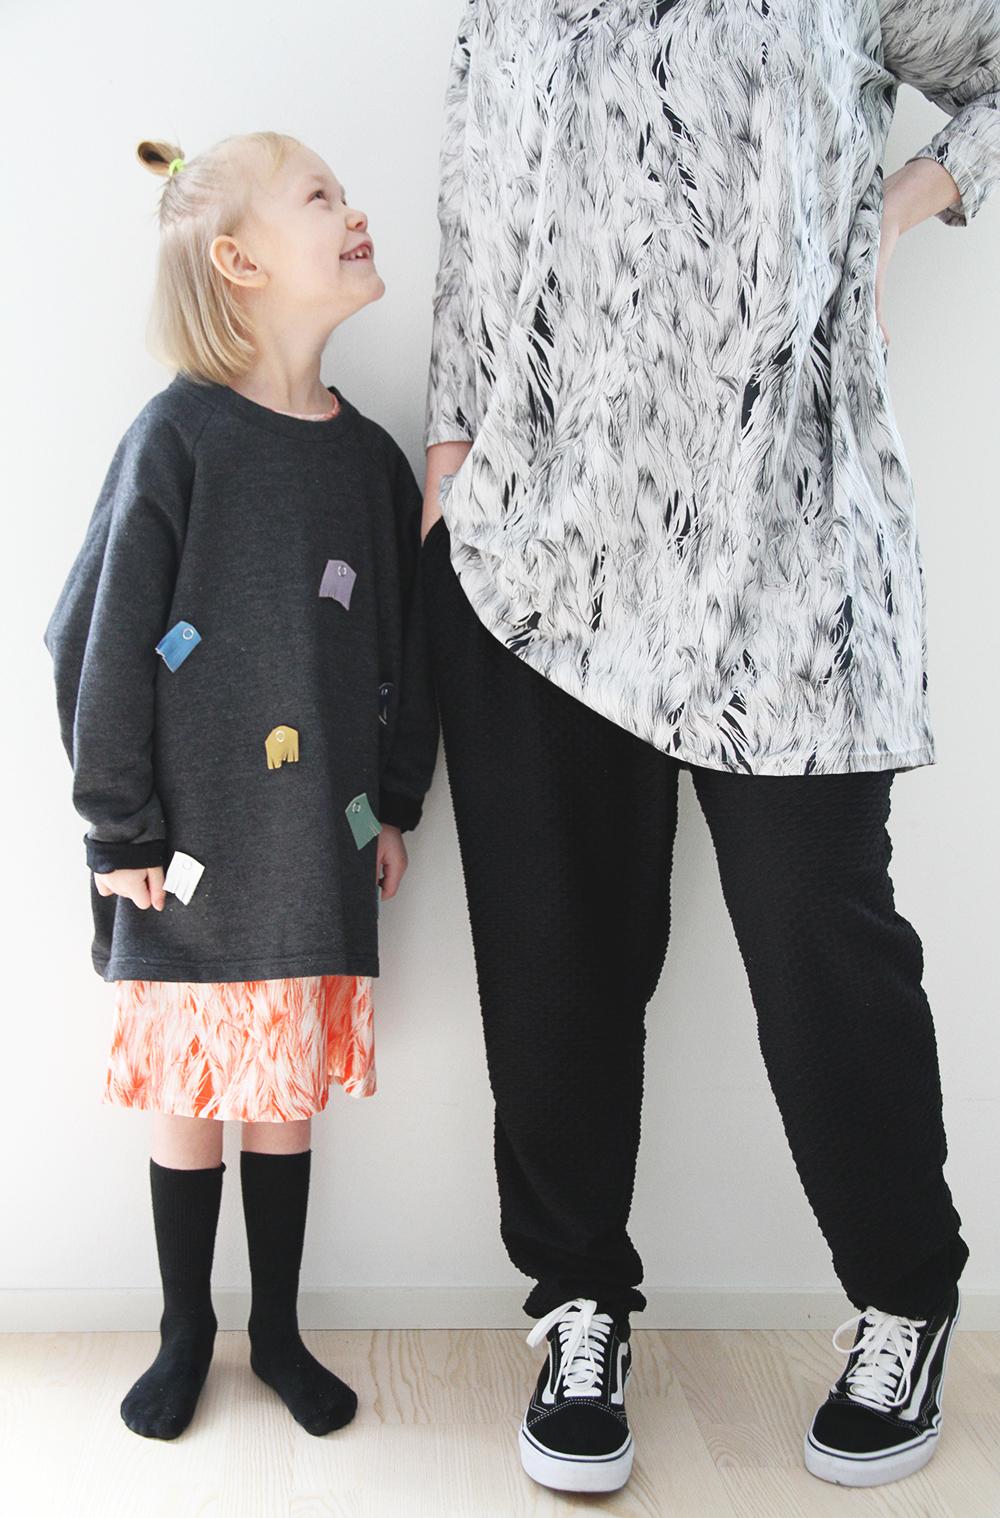 hunajaista vimma lapset aikuiset kevat 2015